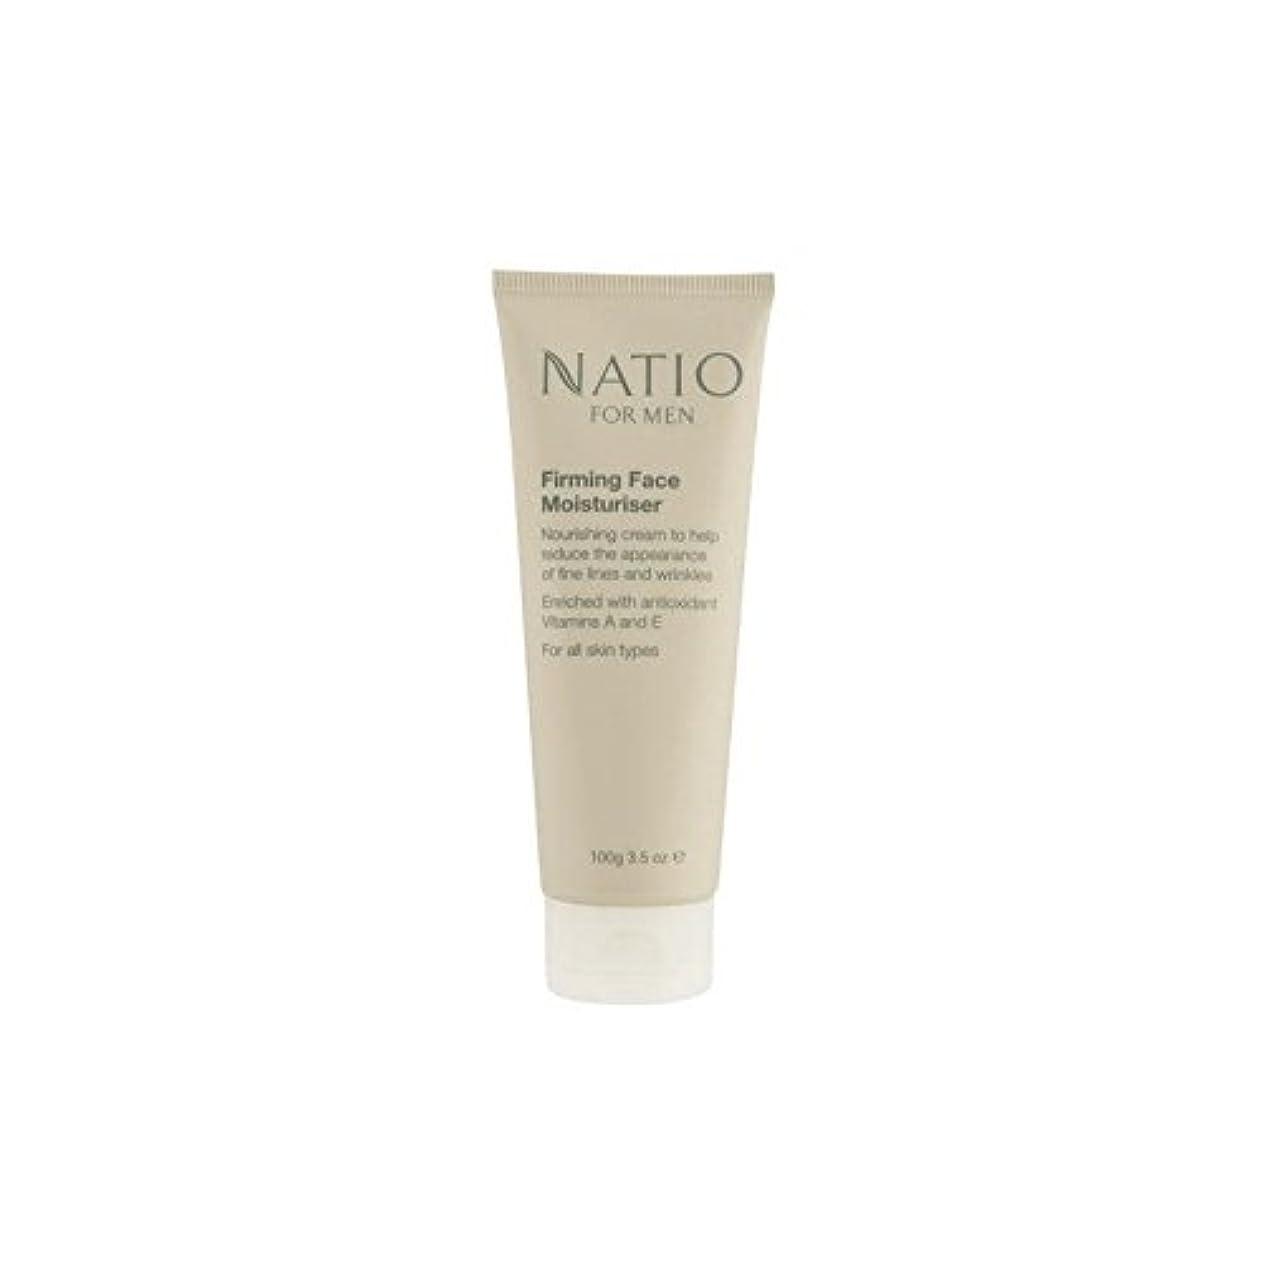 軽食実験的尊敬する顔の保湿剤を引き締め男性のための(100グラム) x2 - Natio For Men Firming Face Moisturiser (100G) (Pack of 2) [並行輸入品]